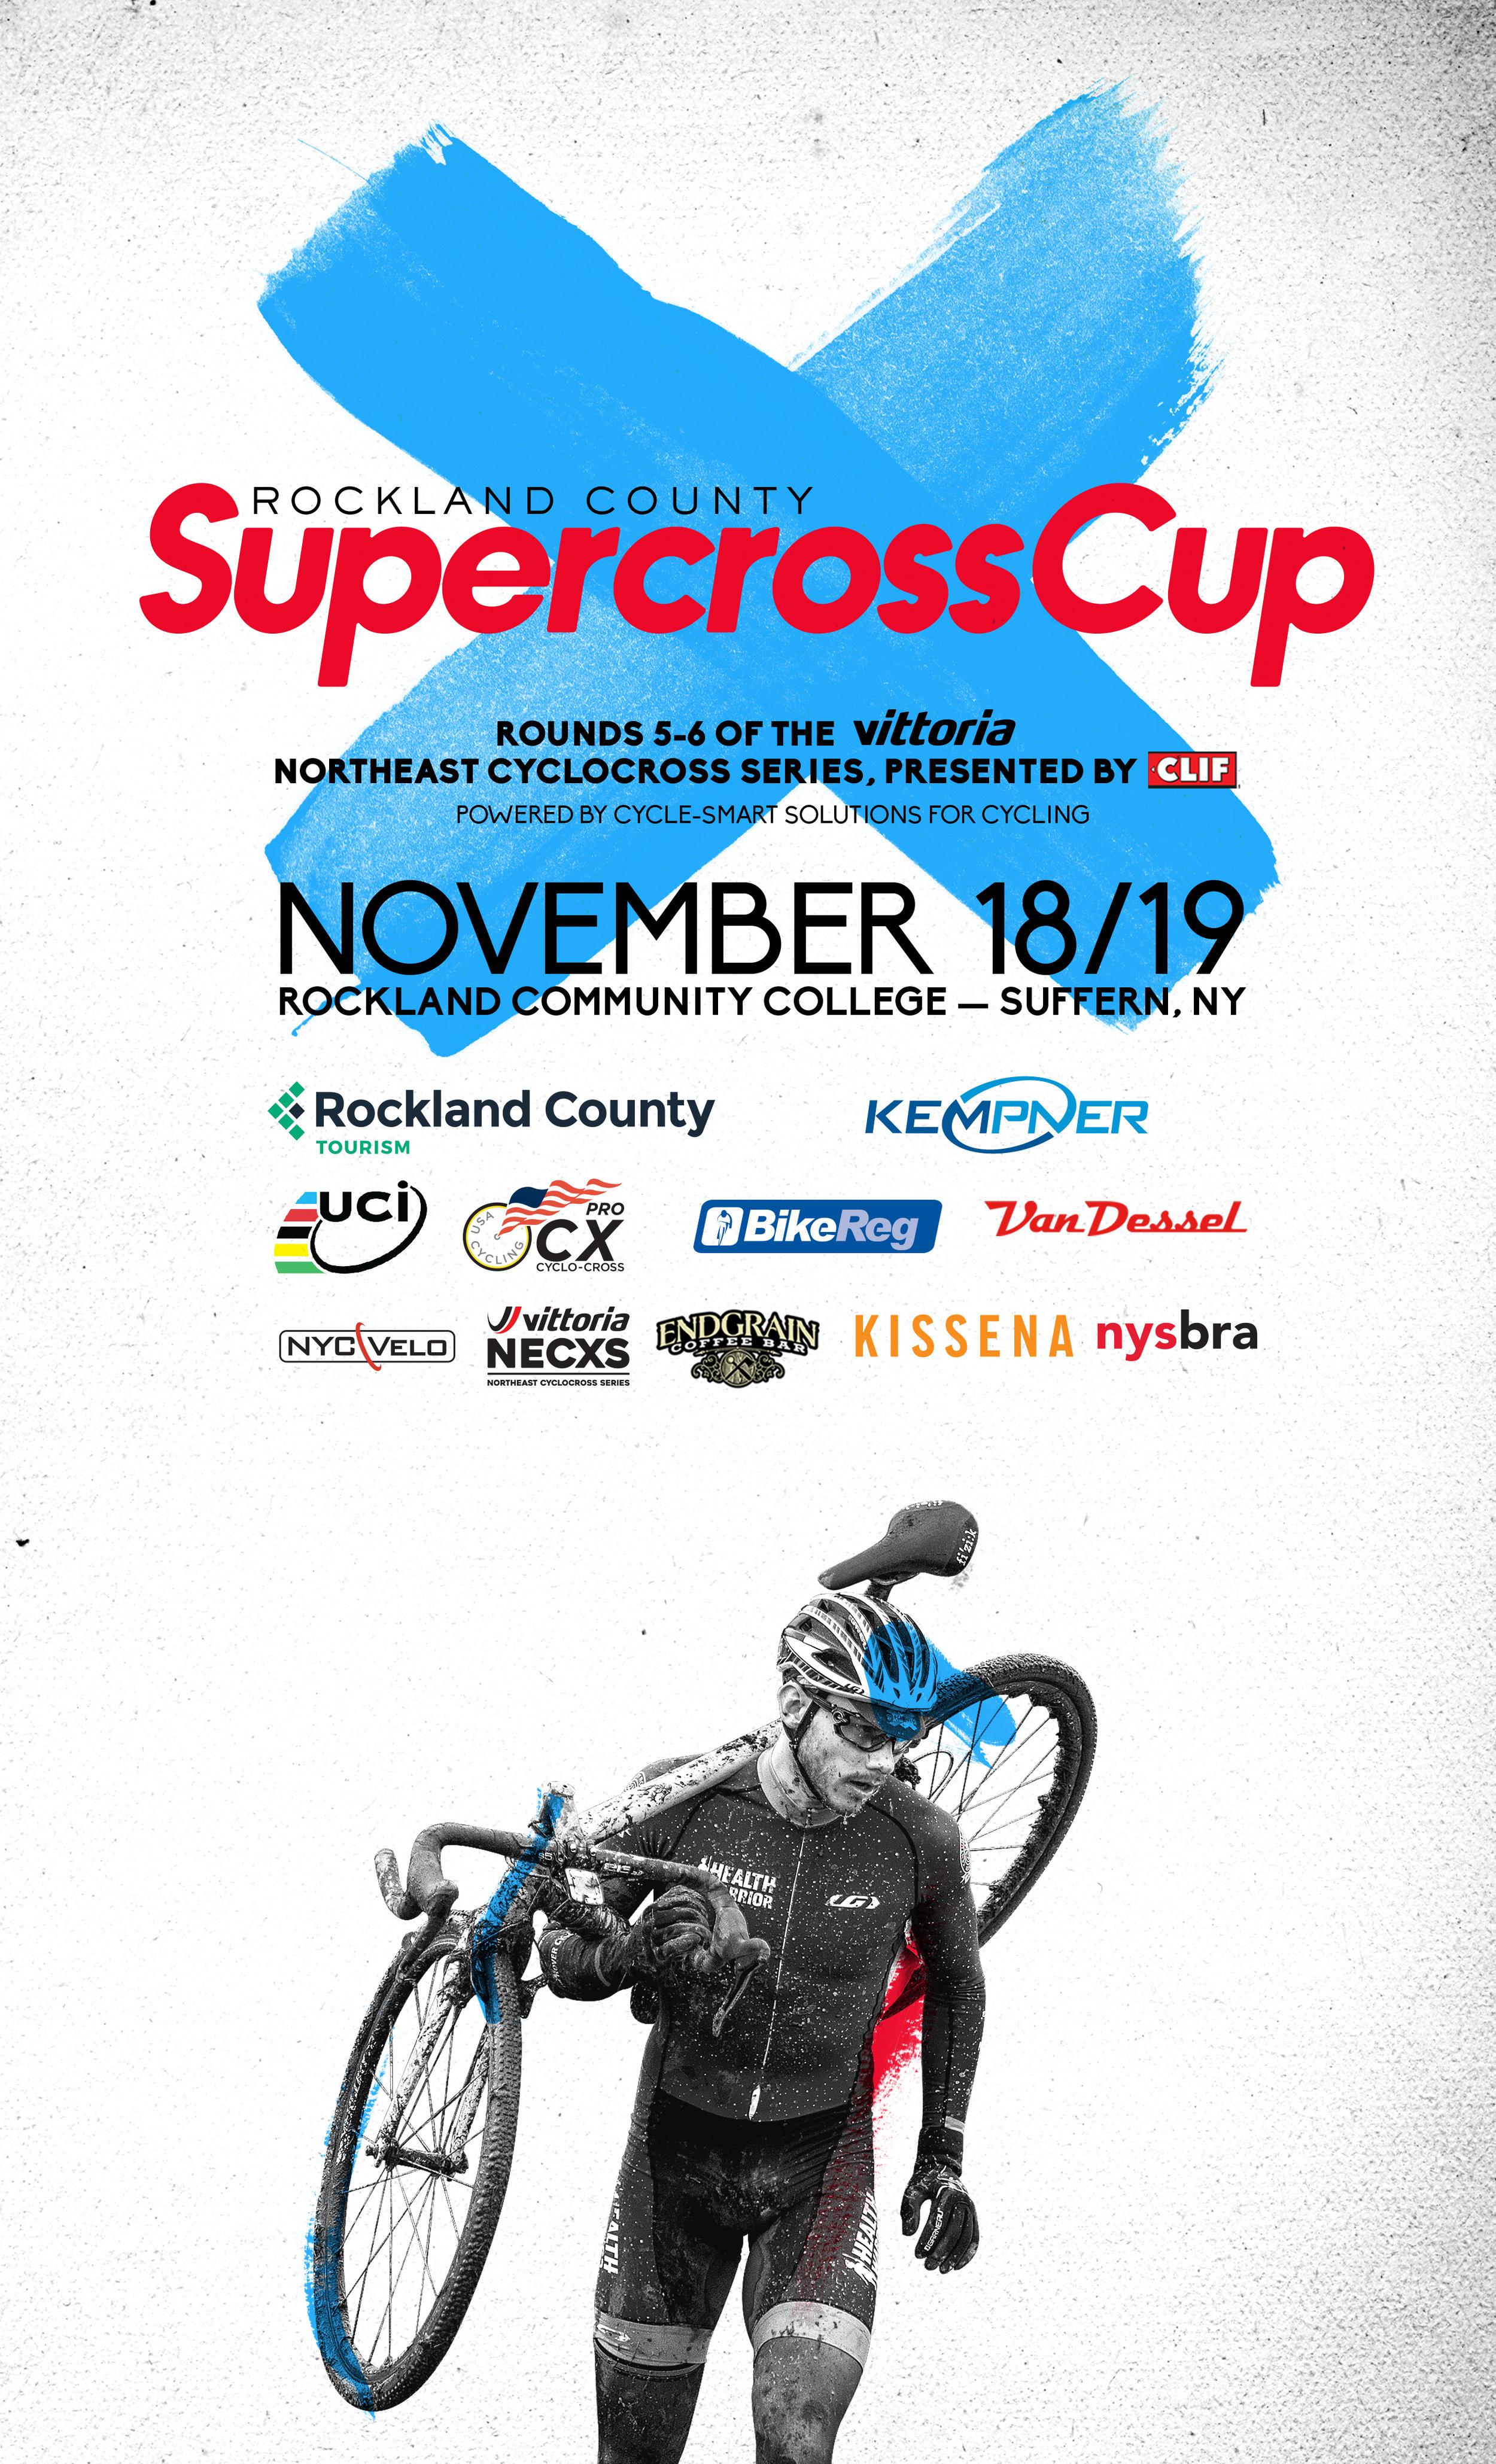 Supercross17guysponsors.jpg